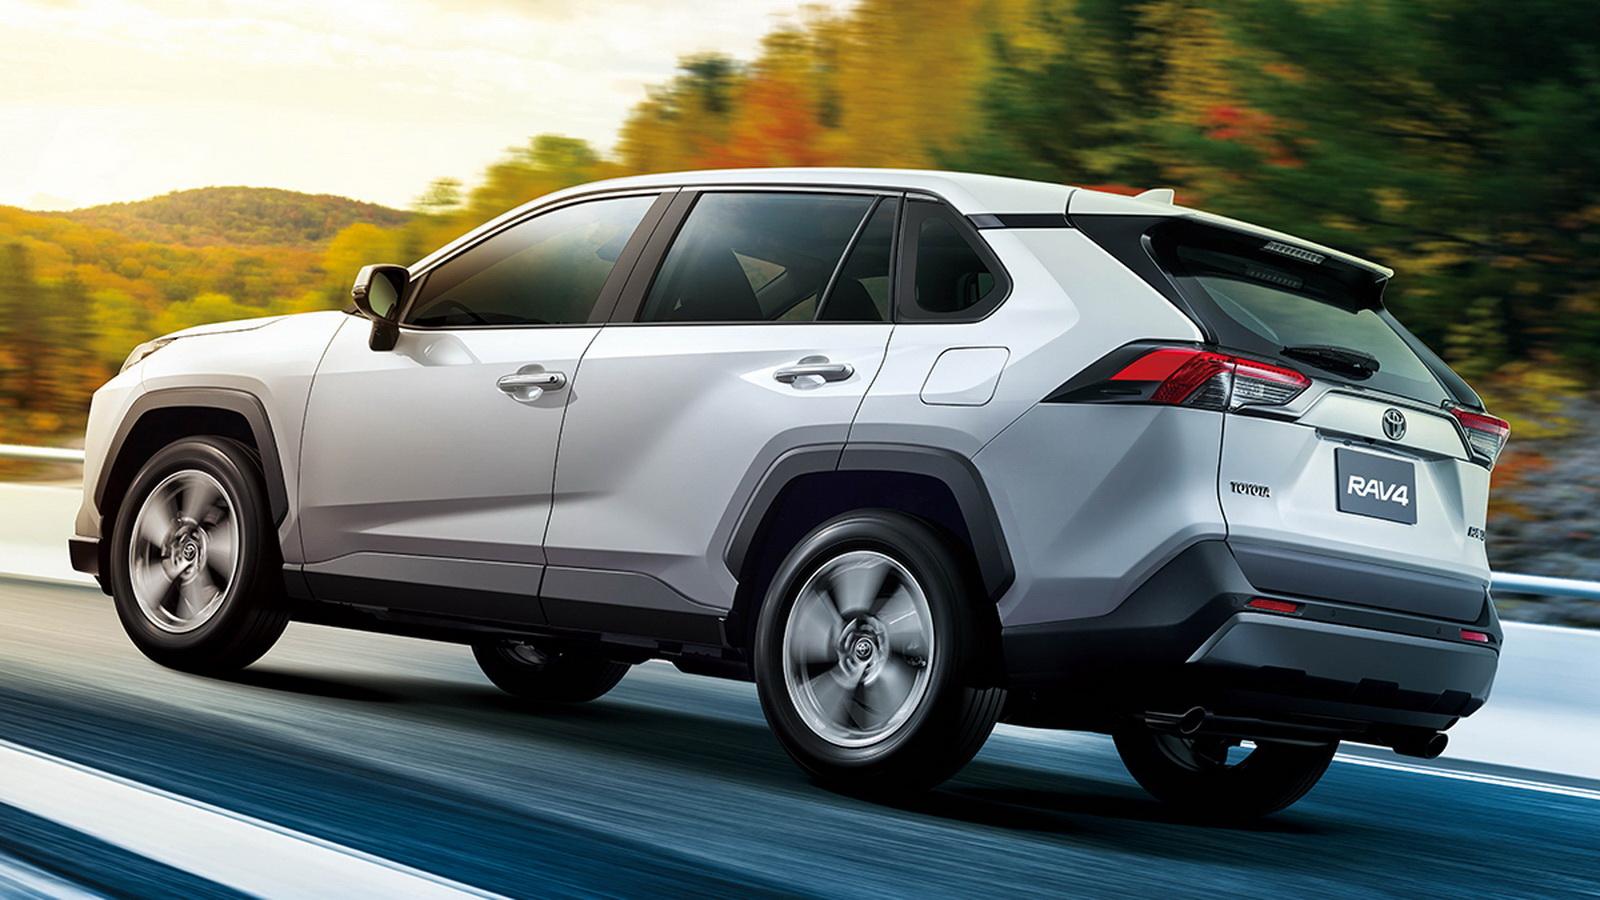 圖/2020 Toyota RAV4 2.0旗艦採以TNGA新世代造車工藝打造,創造出最大173匹馬力,扭力峰值20.7kgm的動力輸出,擁有15.1km/L的優異油耗表現。